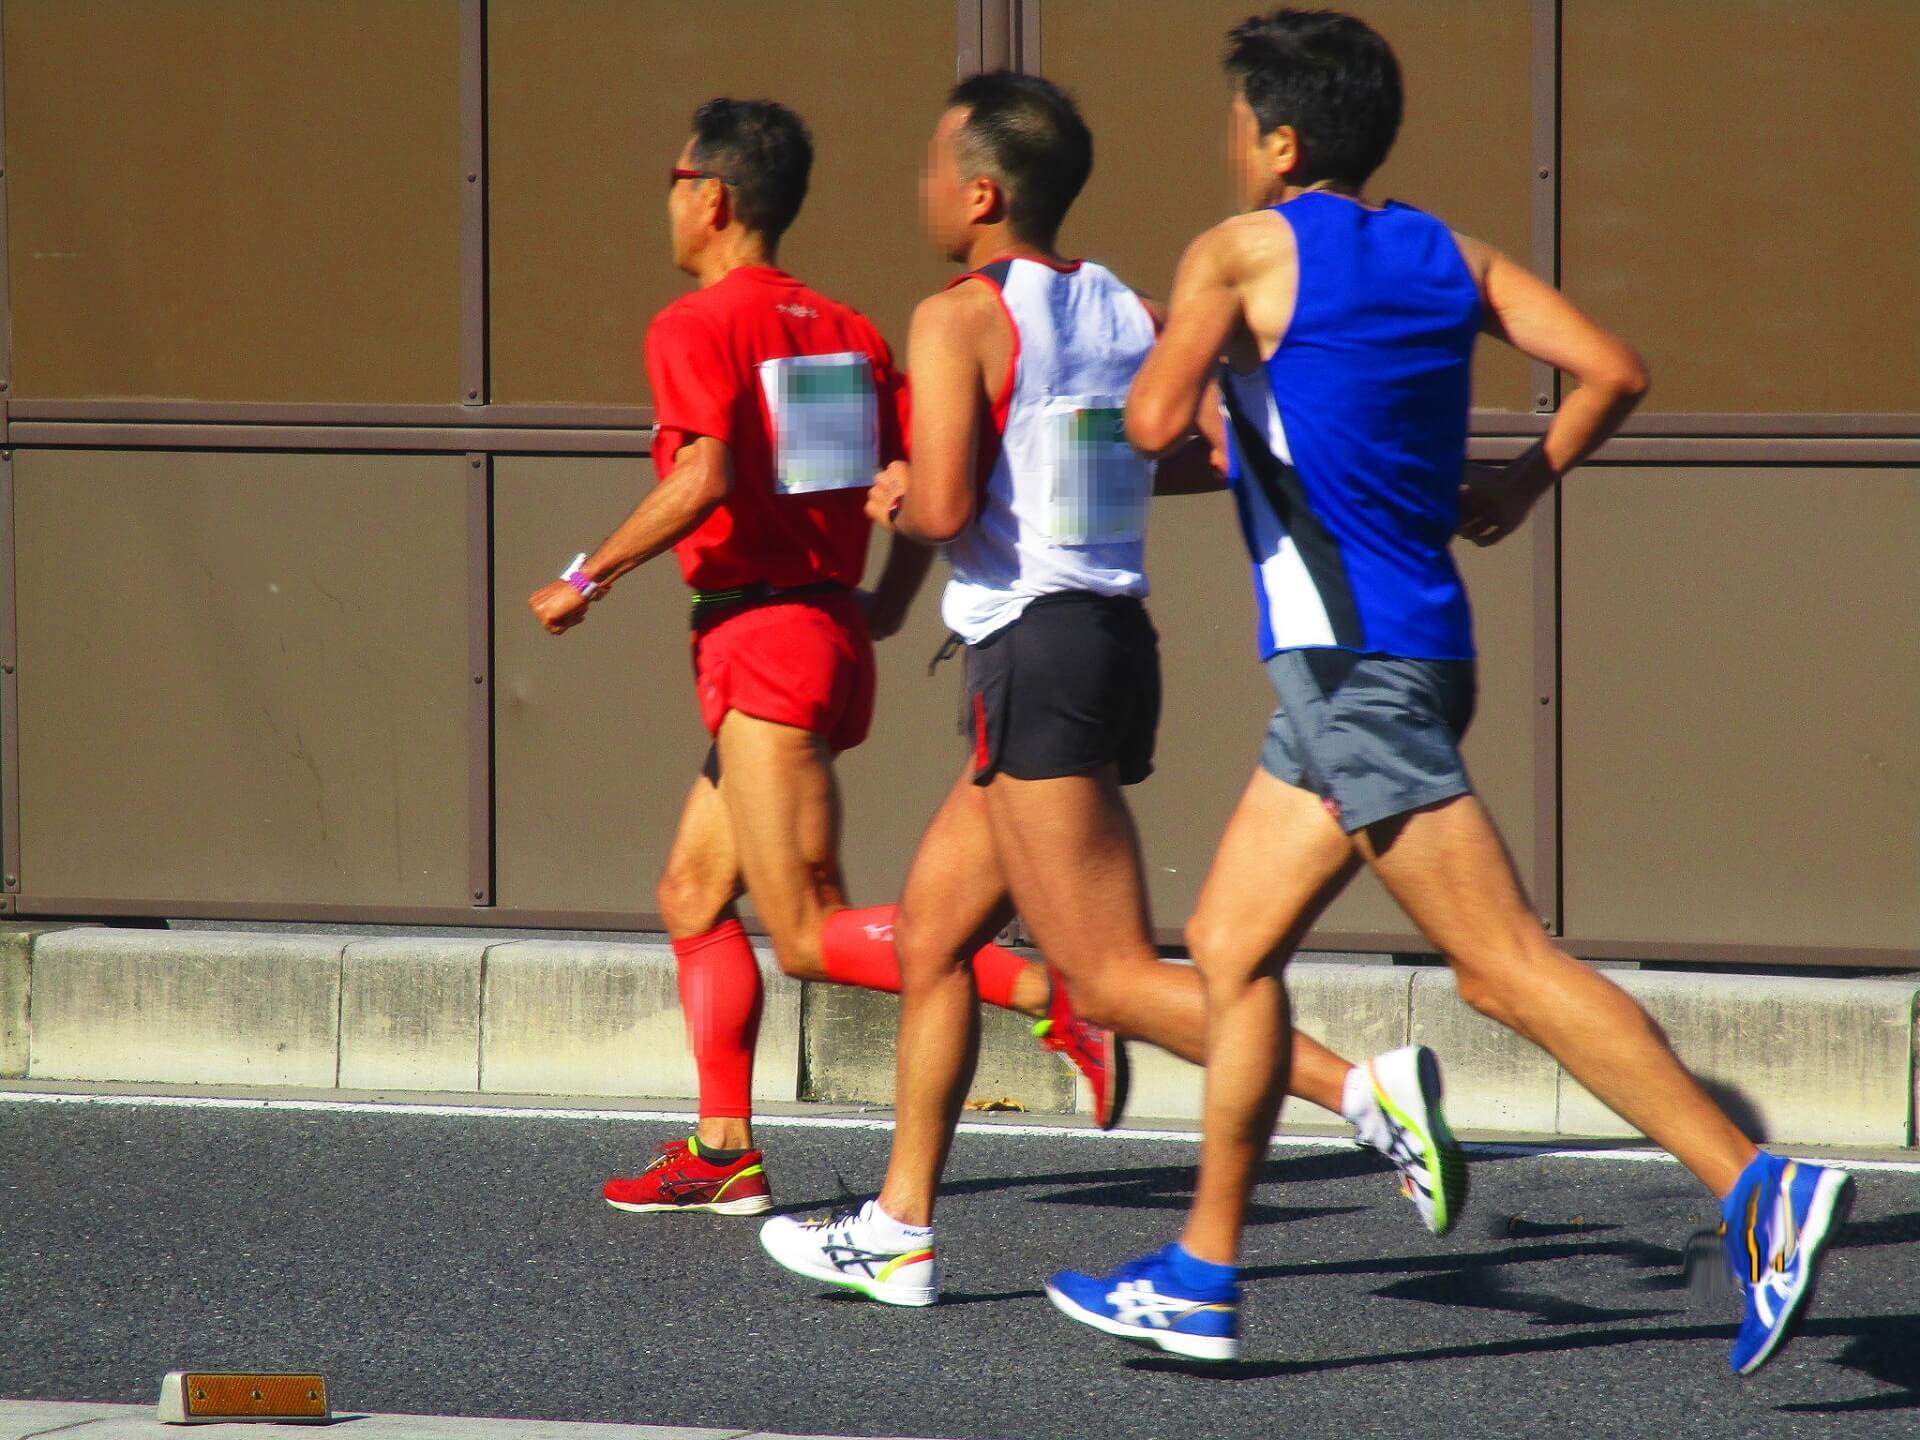 マラソンの練習はどのようなことをすれば良い?